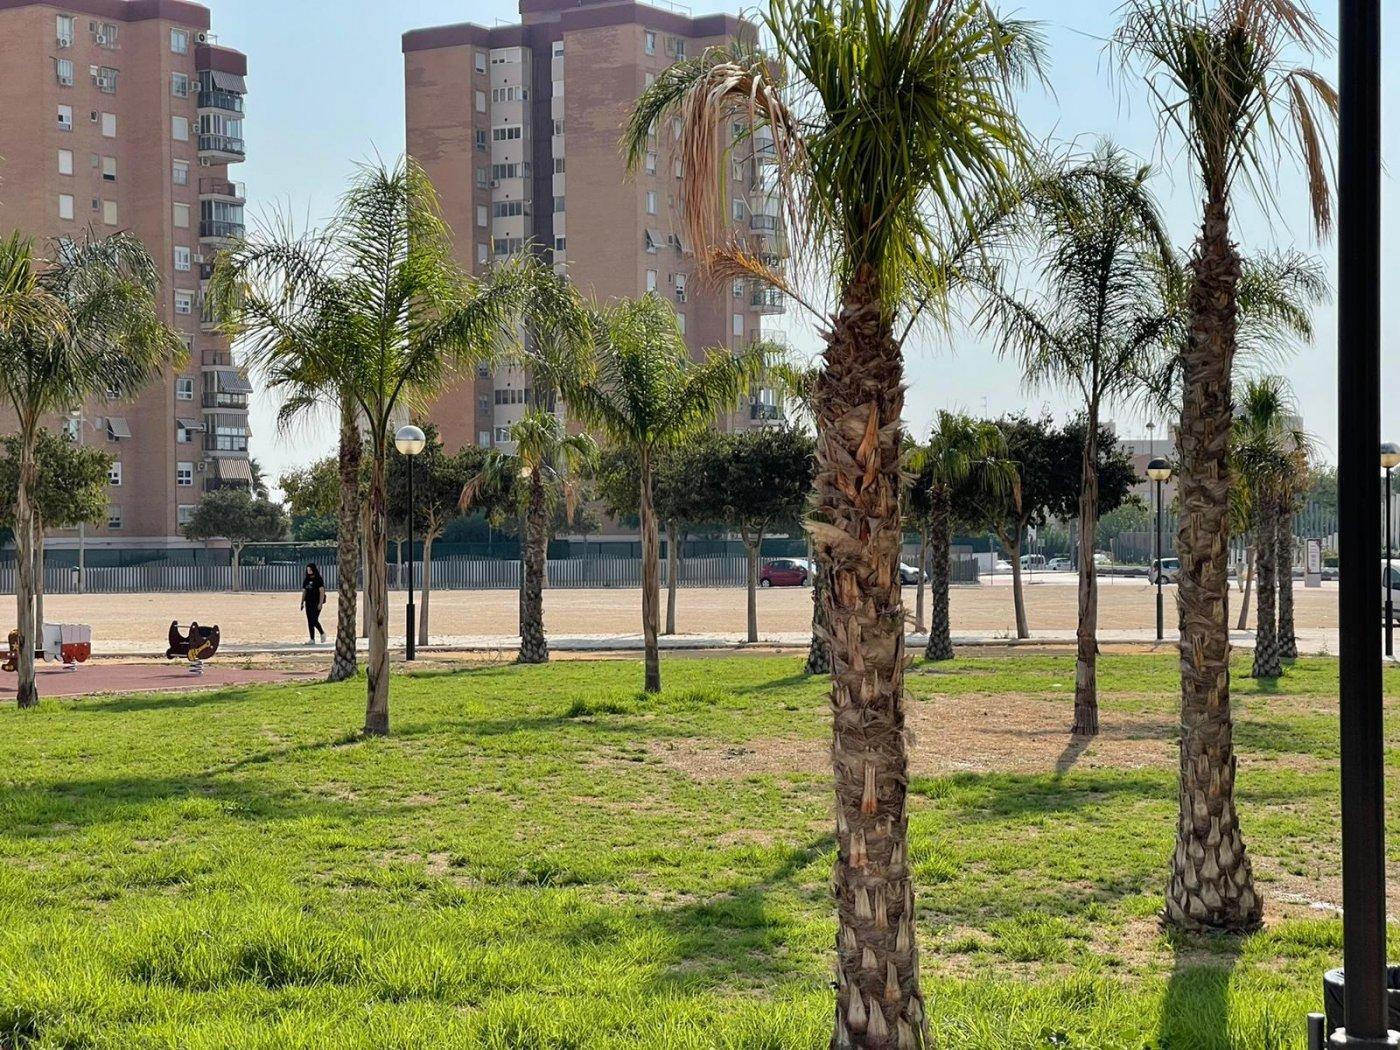 Urbanización, vvda en alquiler amueblada con garaje y trastero. 5 min. playa - imagenInmueble20